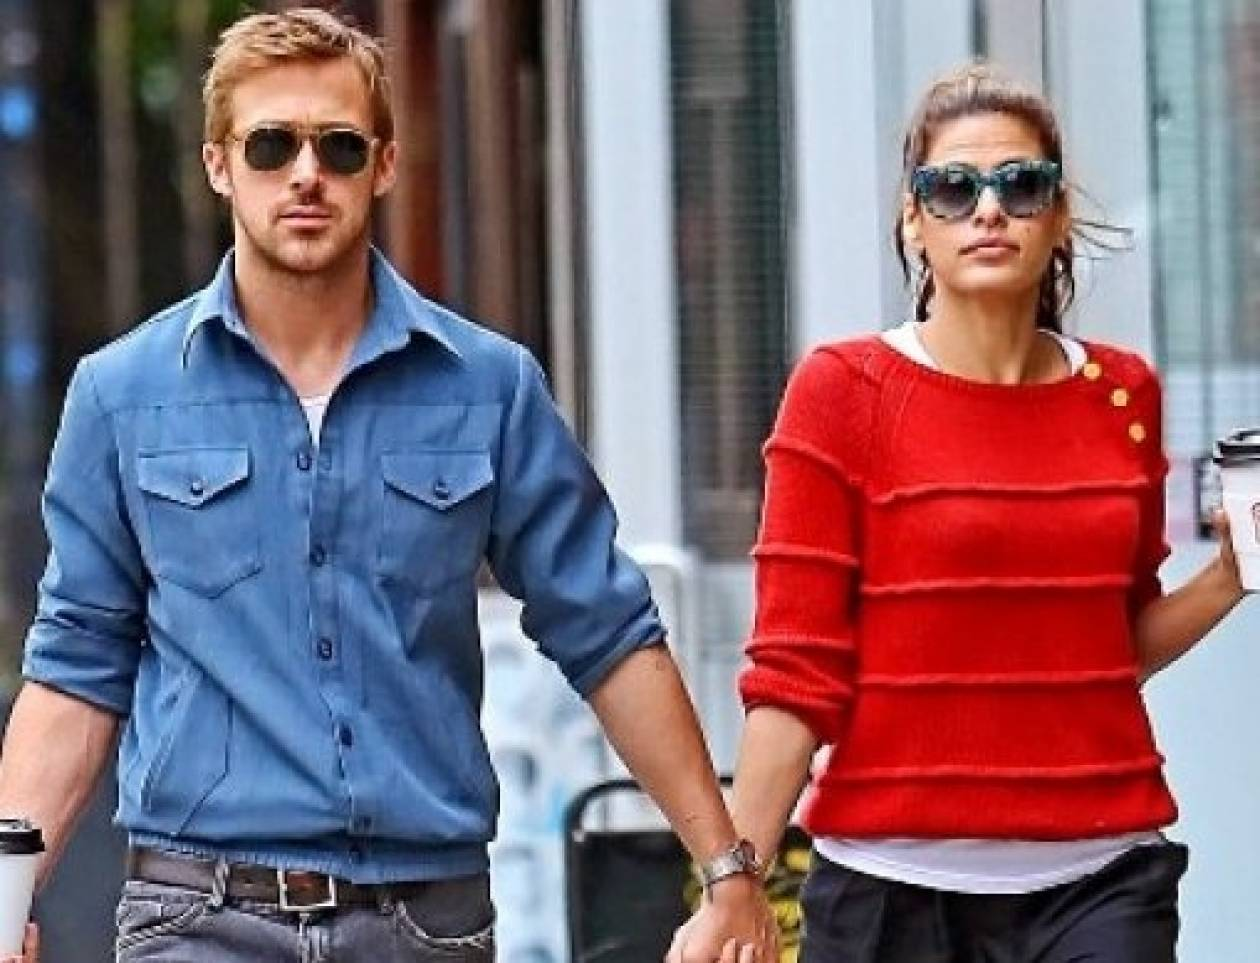 Έρχεται ο Ryan Gosling Junior; Πως ξεκίνησαν οι φήμες εγκυμοσύνης;